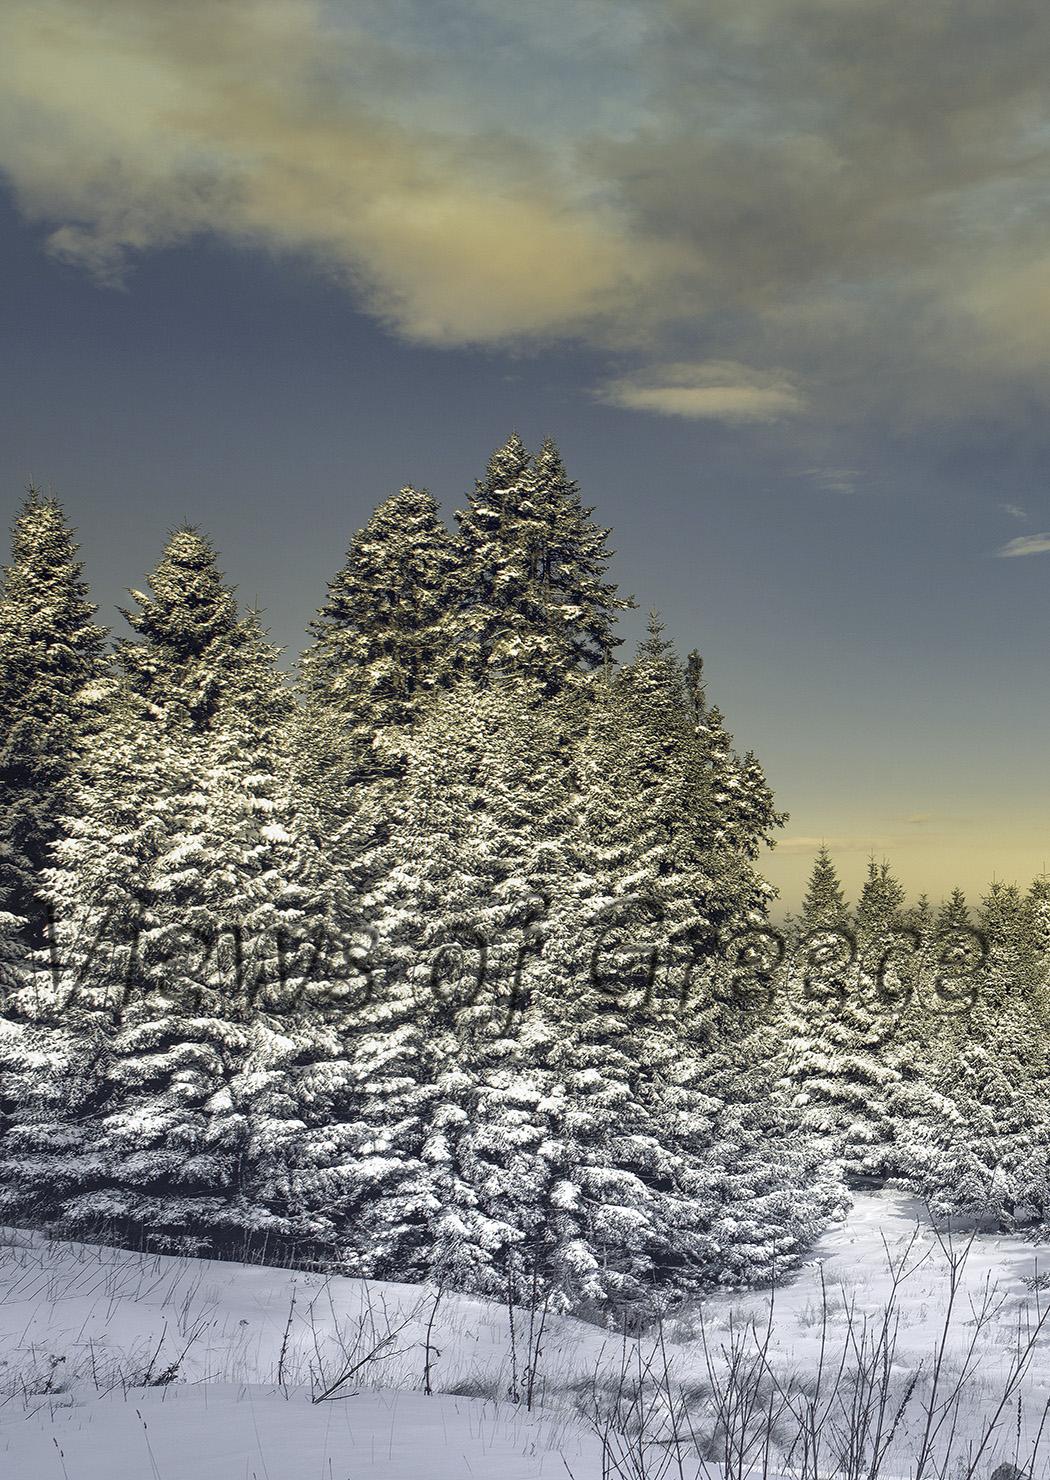 Χελμός, Καλάβρυτα, Σκι, Χιονοδρομικό κέντρο Διαδρομές, Χιόνι, Γεωπάρκο, περίπατοι